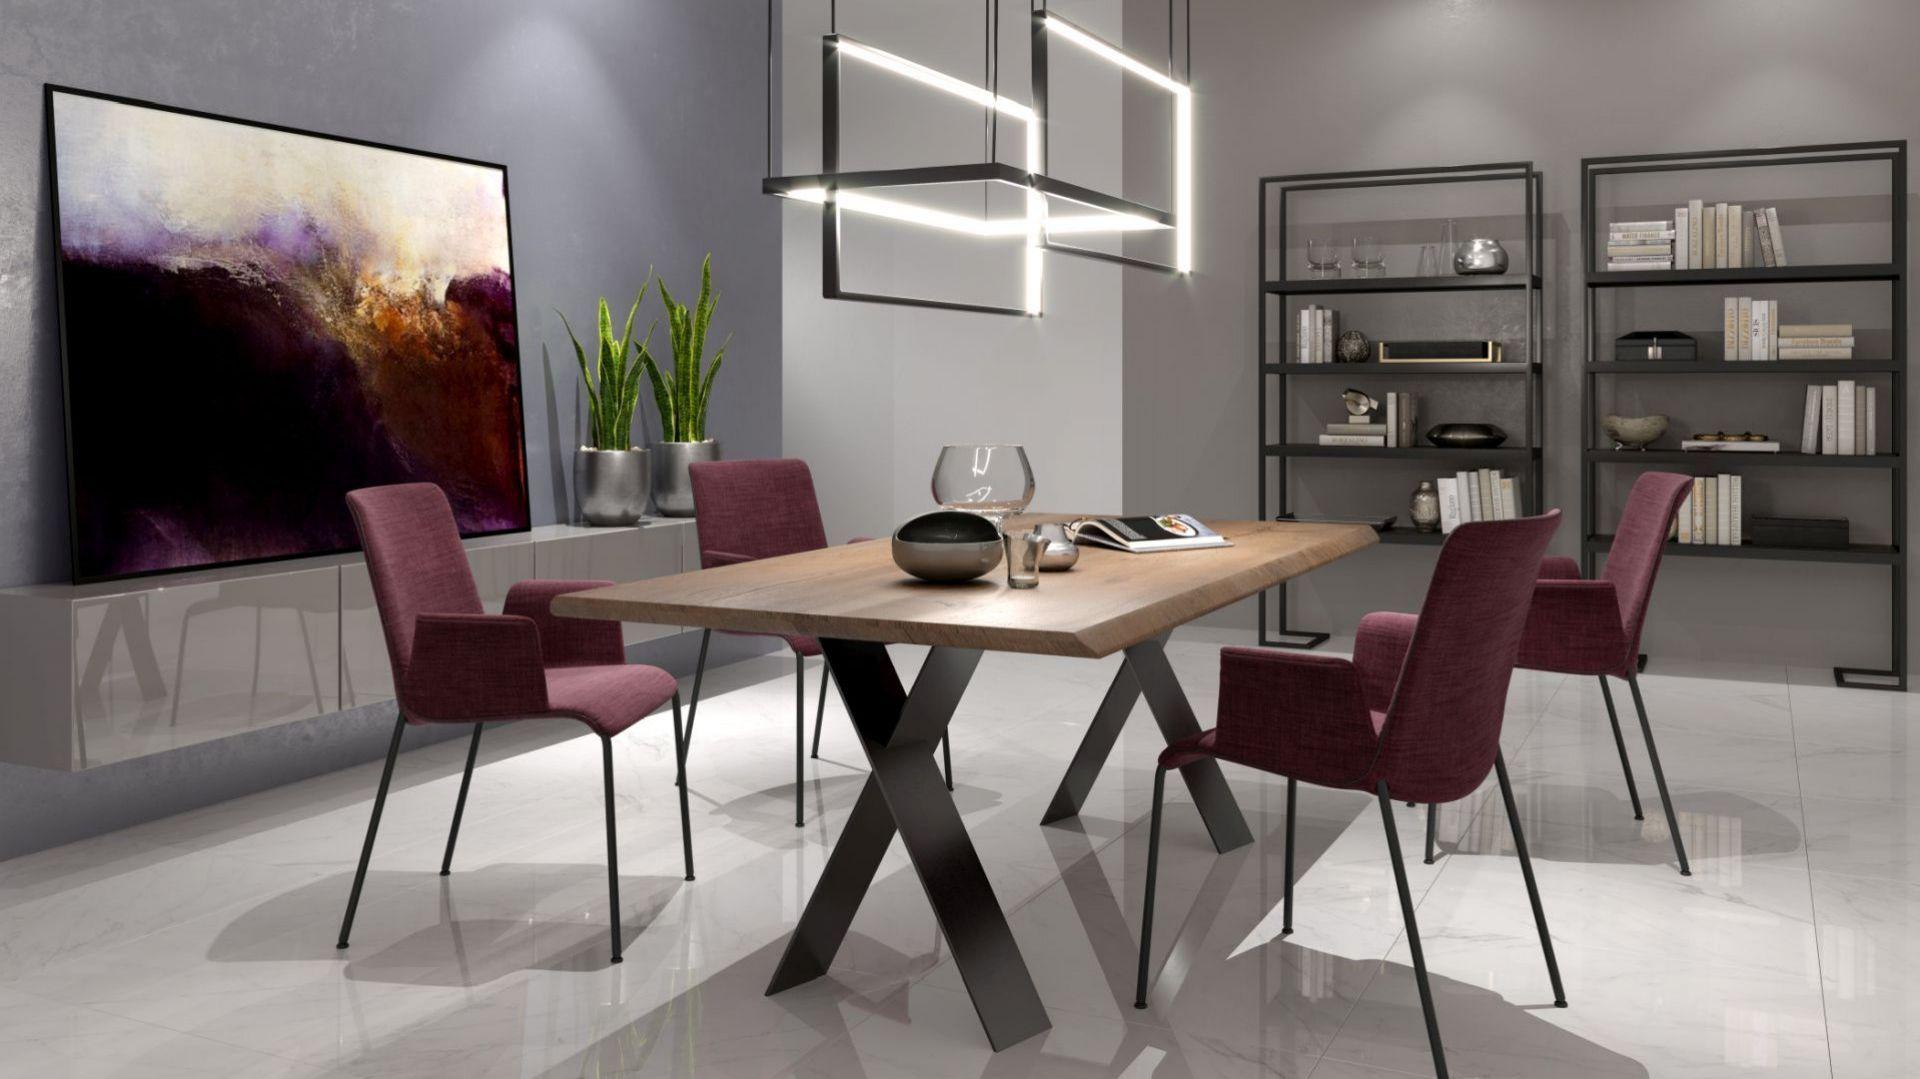 Lampa Geometric P0271, Maxlight/MaxFliz. Wyróżnienie w kategorii Przestrzeń Pokoju Dziennego